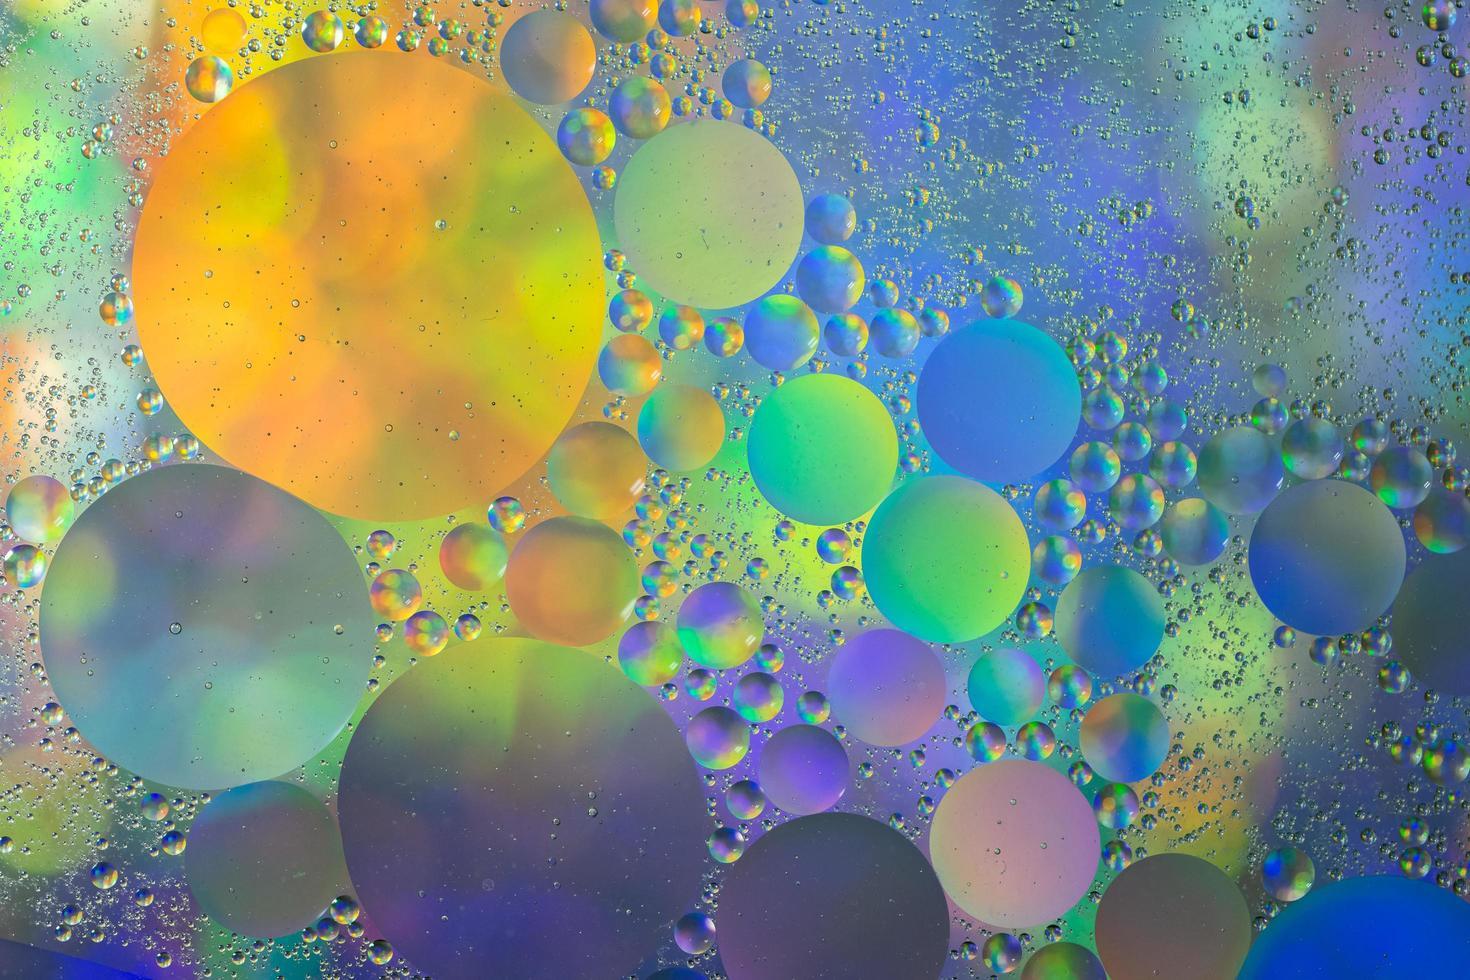 olio e acqua astratto sfondo macro foto